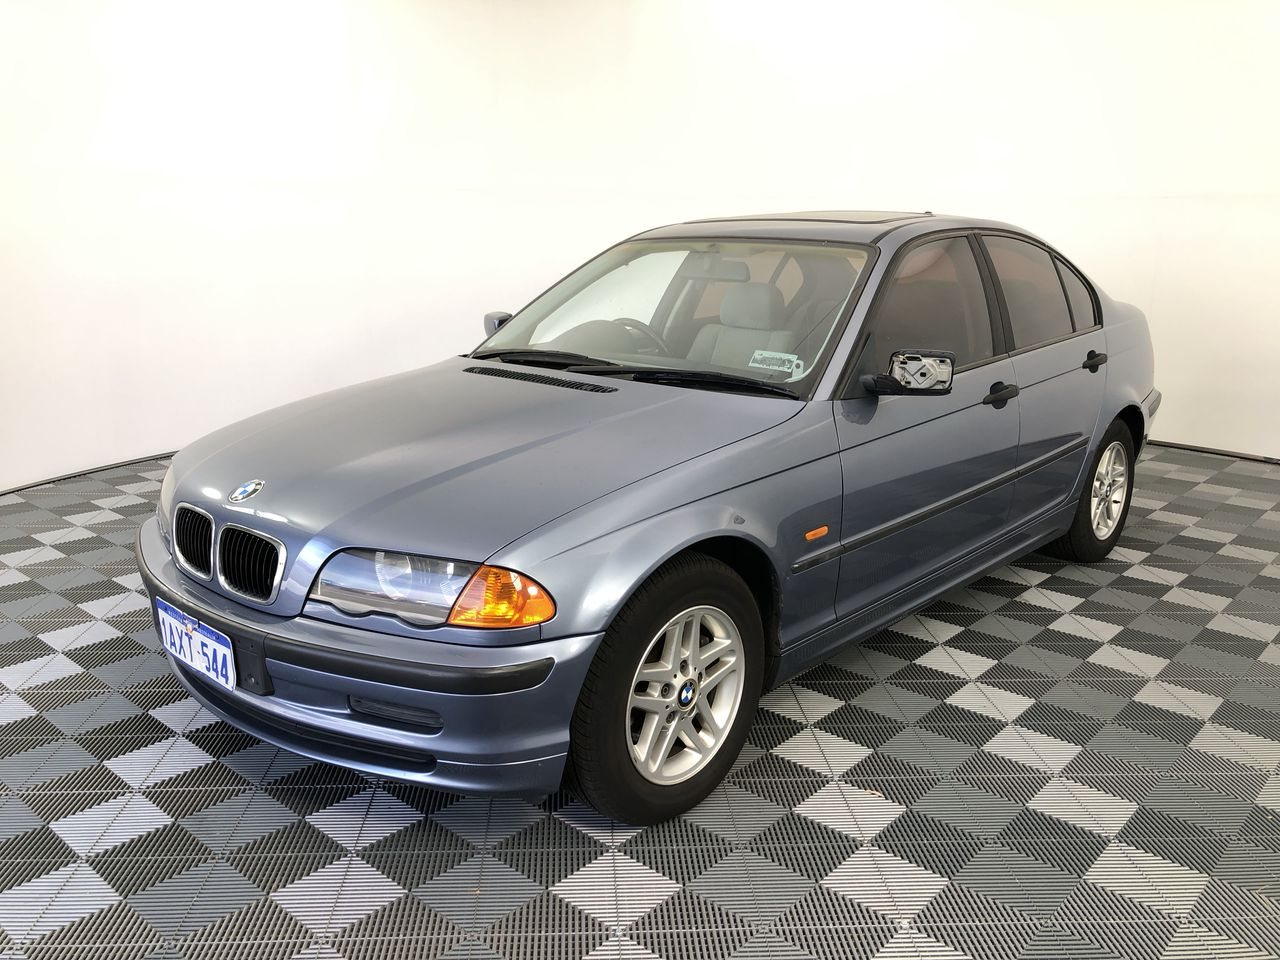 2001 BMW 318i E46 Automatic Sedan